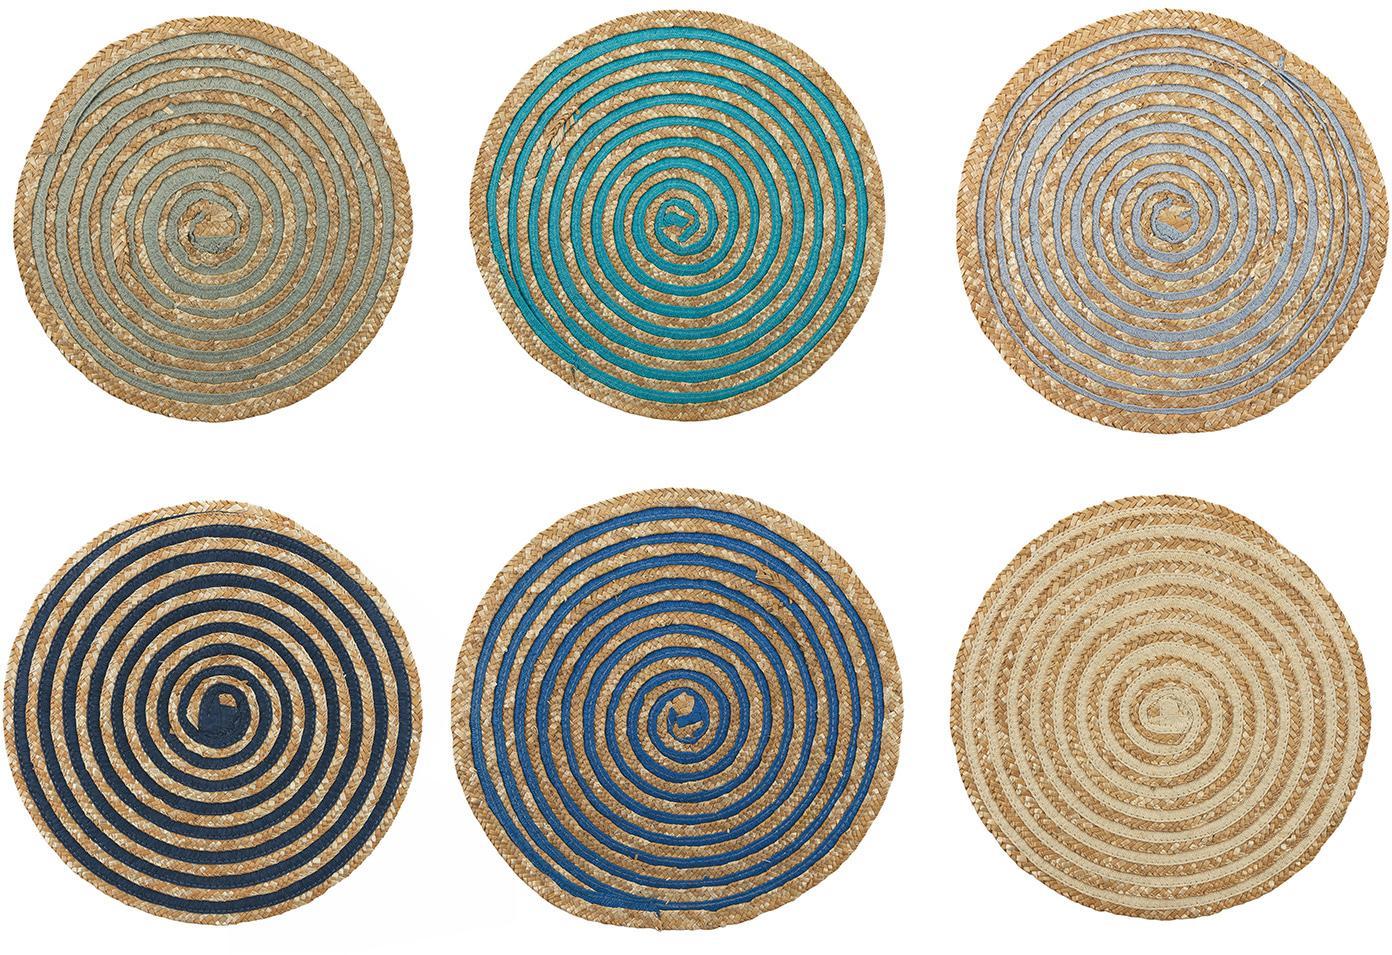 Ronde placemats Baita van bast, 6-delig, Bastvezels, Beige, multicolour, Ø 39 cm